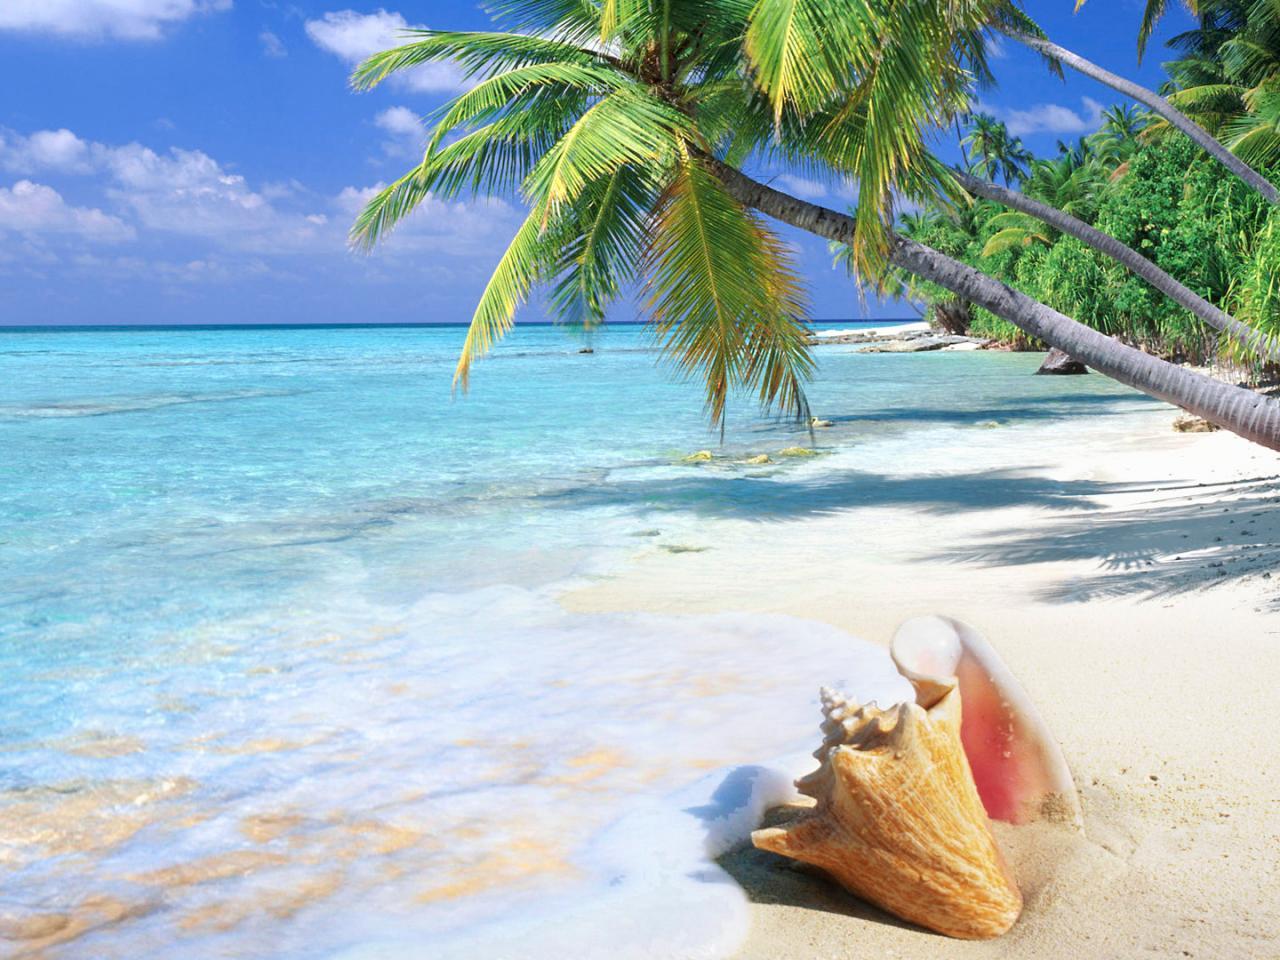 берег пальма море солнце пляж  № 3779808 бесплатно